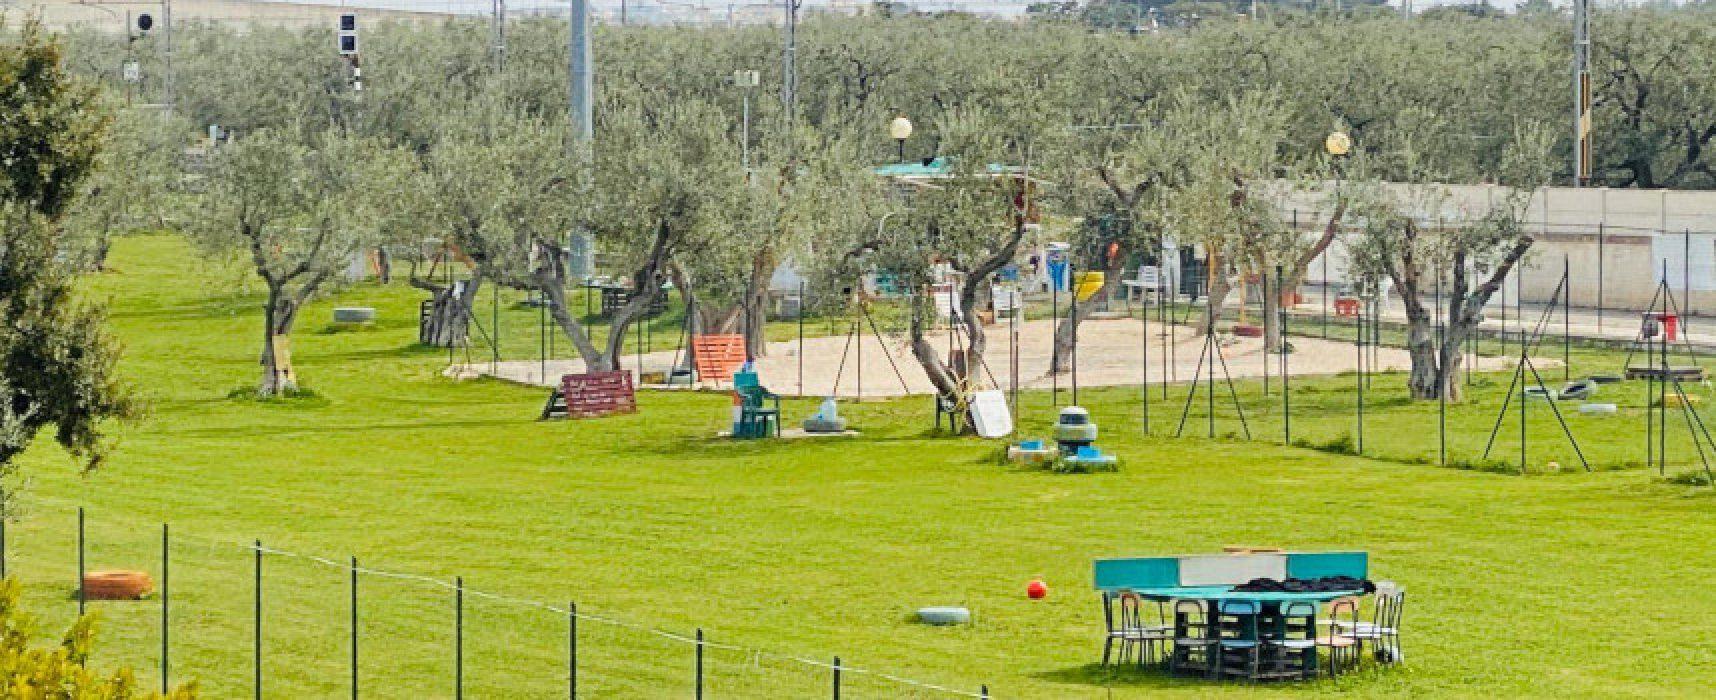 """Coronavirus, associazione """"Noi"""" mette a disposizione un parco per i più deboli"""